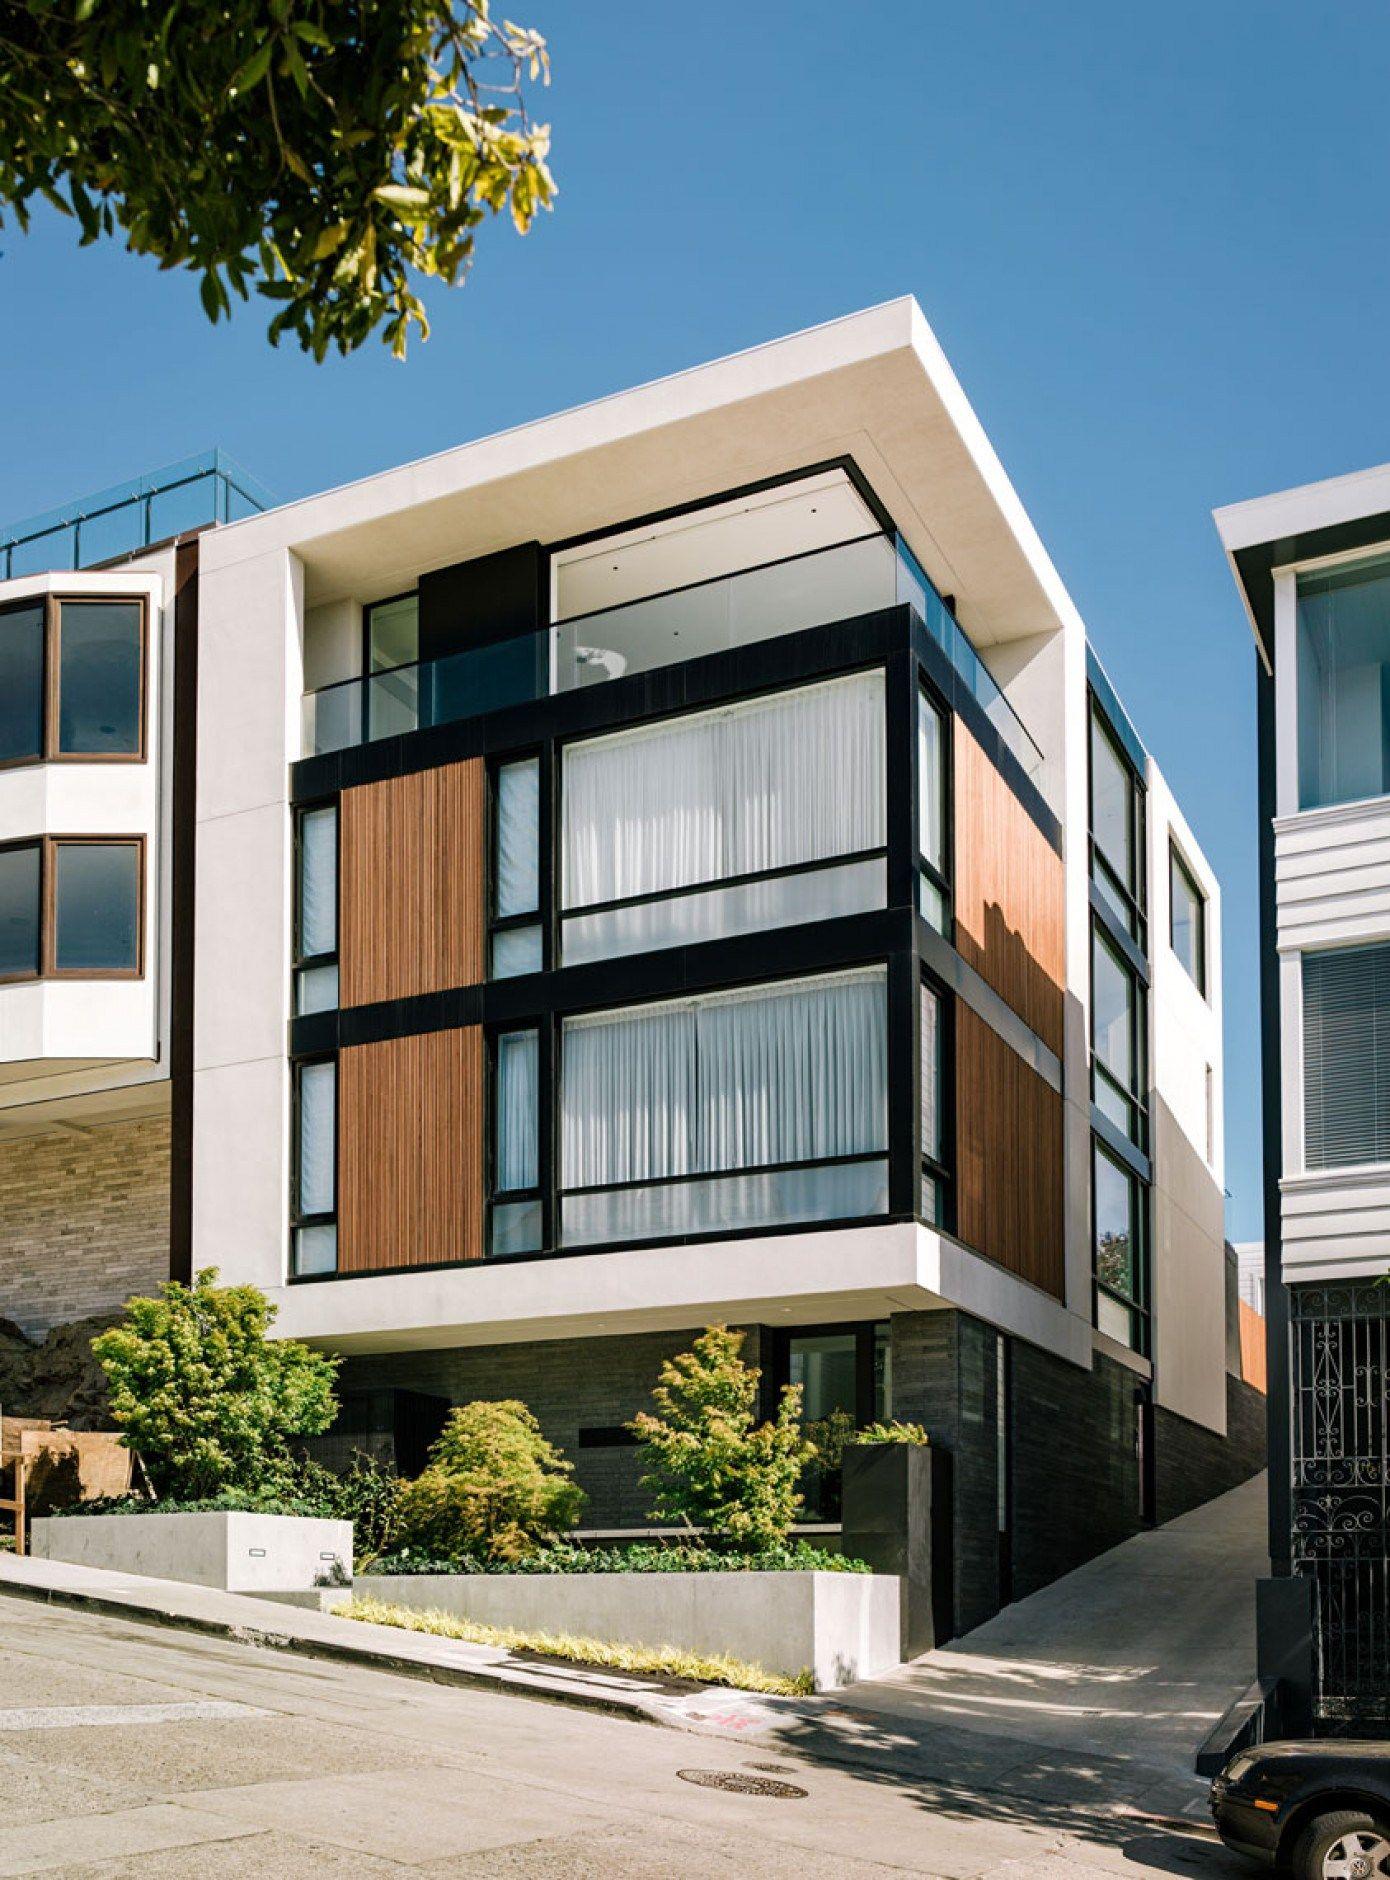 casa moderna em s o francisco architektur moderne h user und einrichten und wohnen. Black Bedroom Furniture Sets. Home Design Ideas